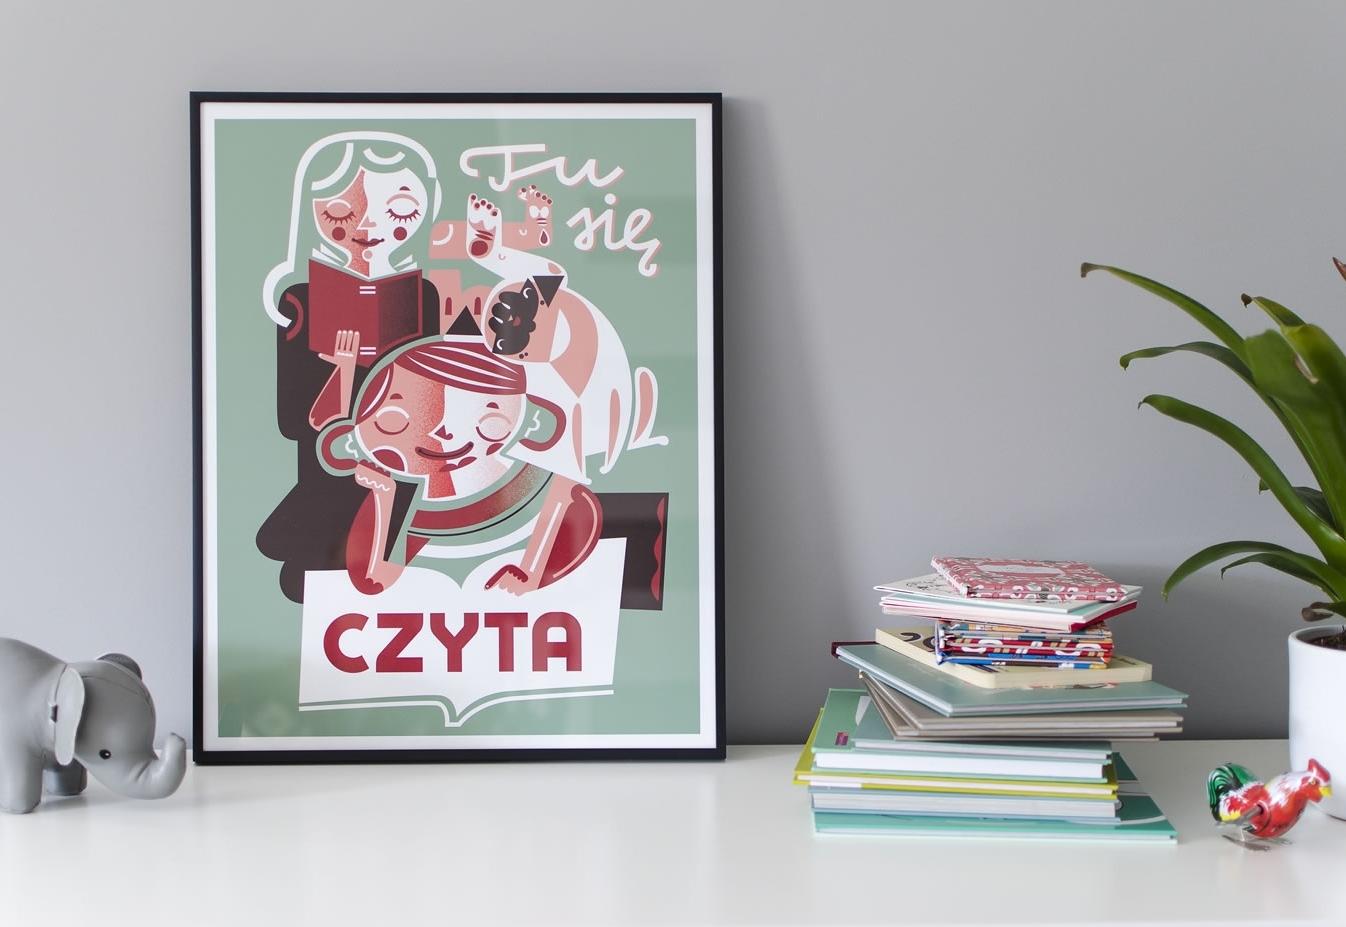 Polskie Plakaty Czyli Pomysł Na Oryginalny Prezent